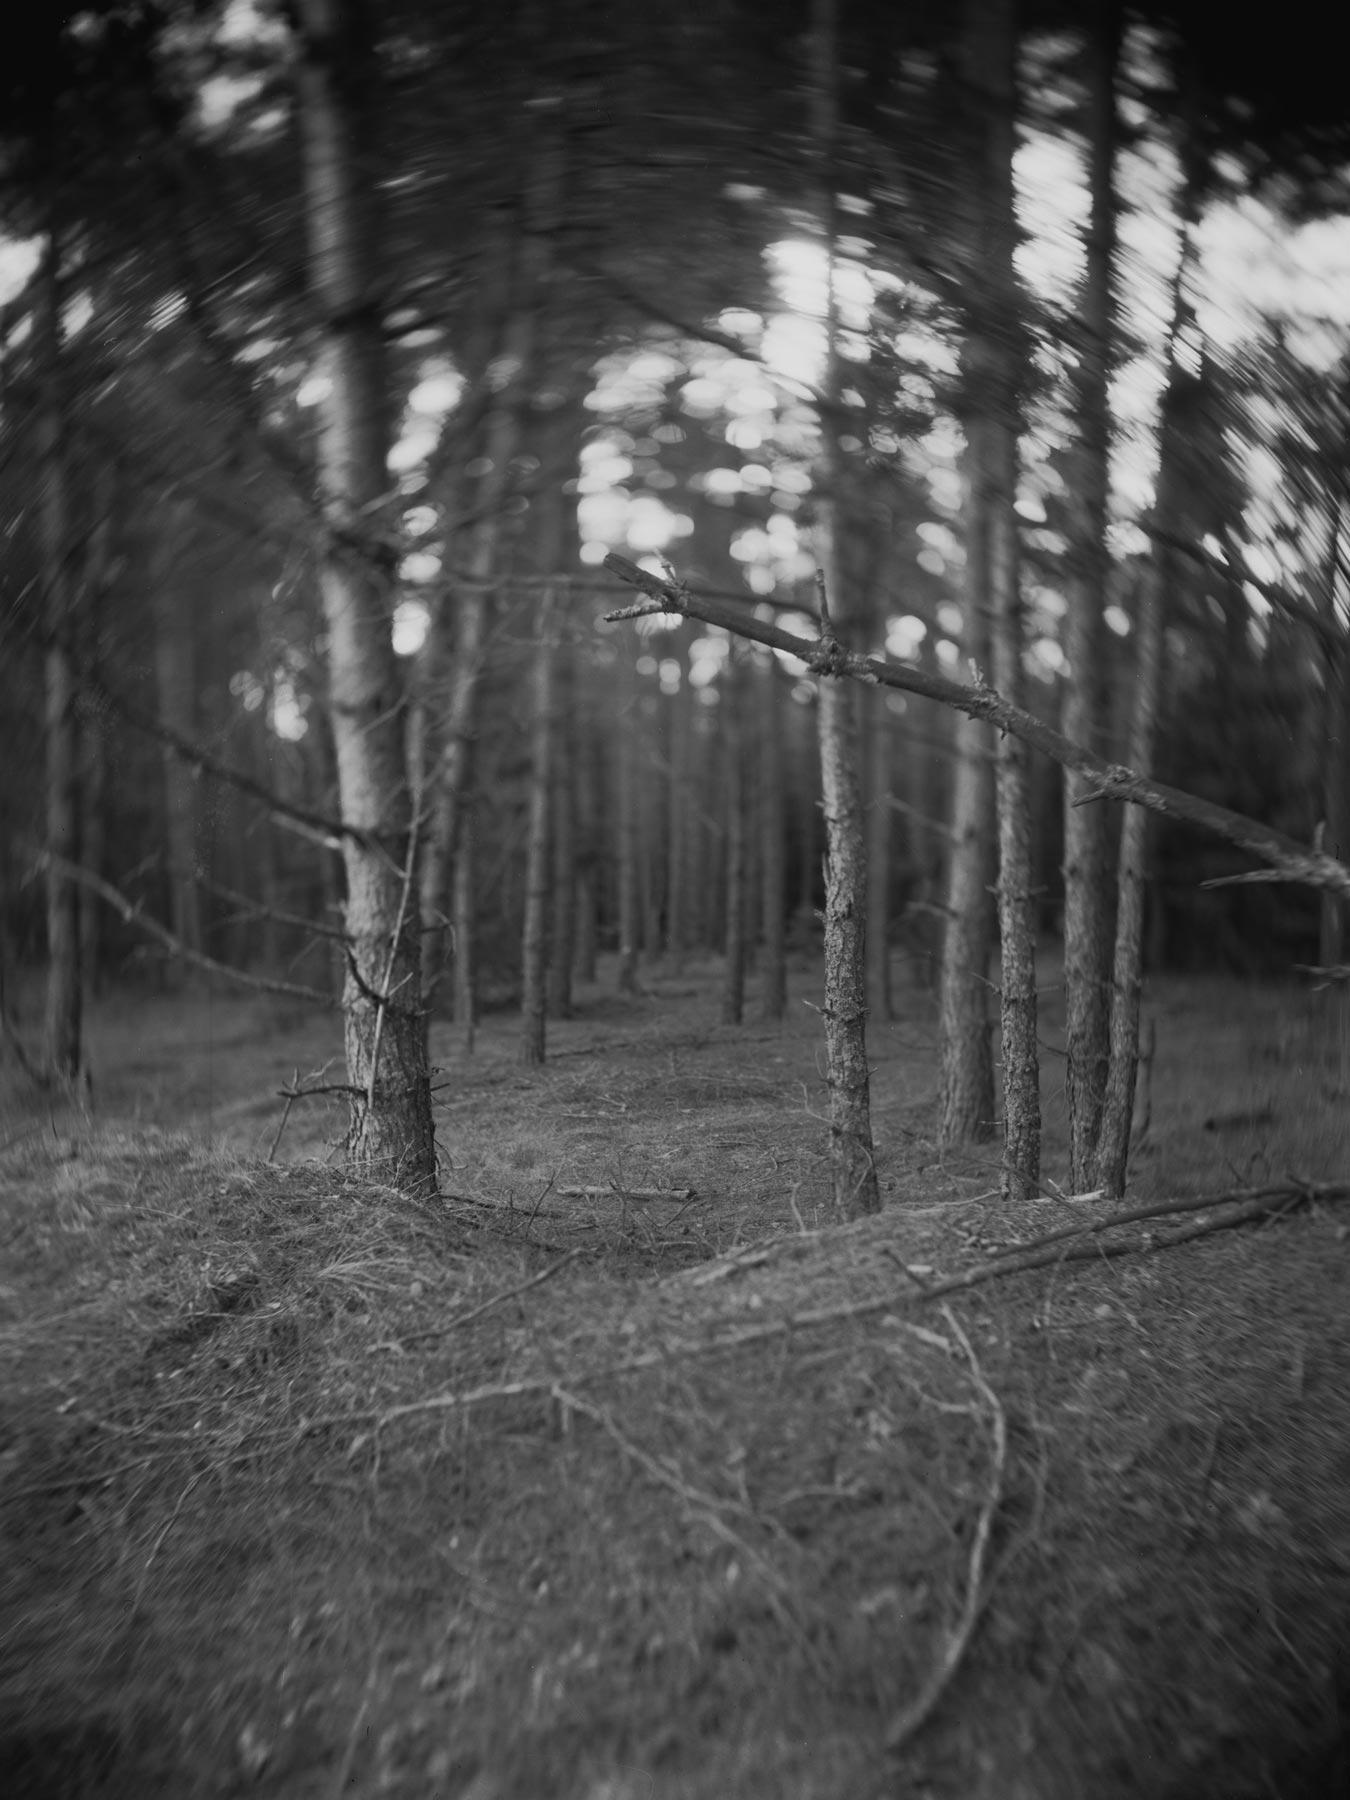 Still/Film